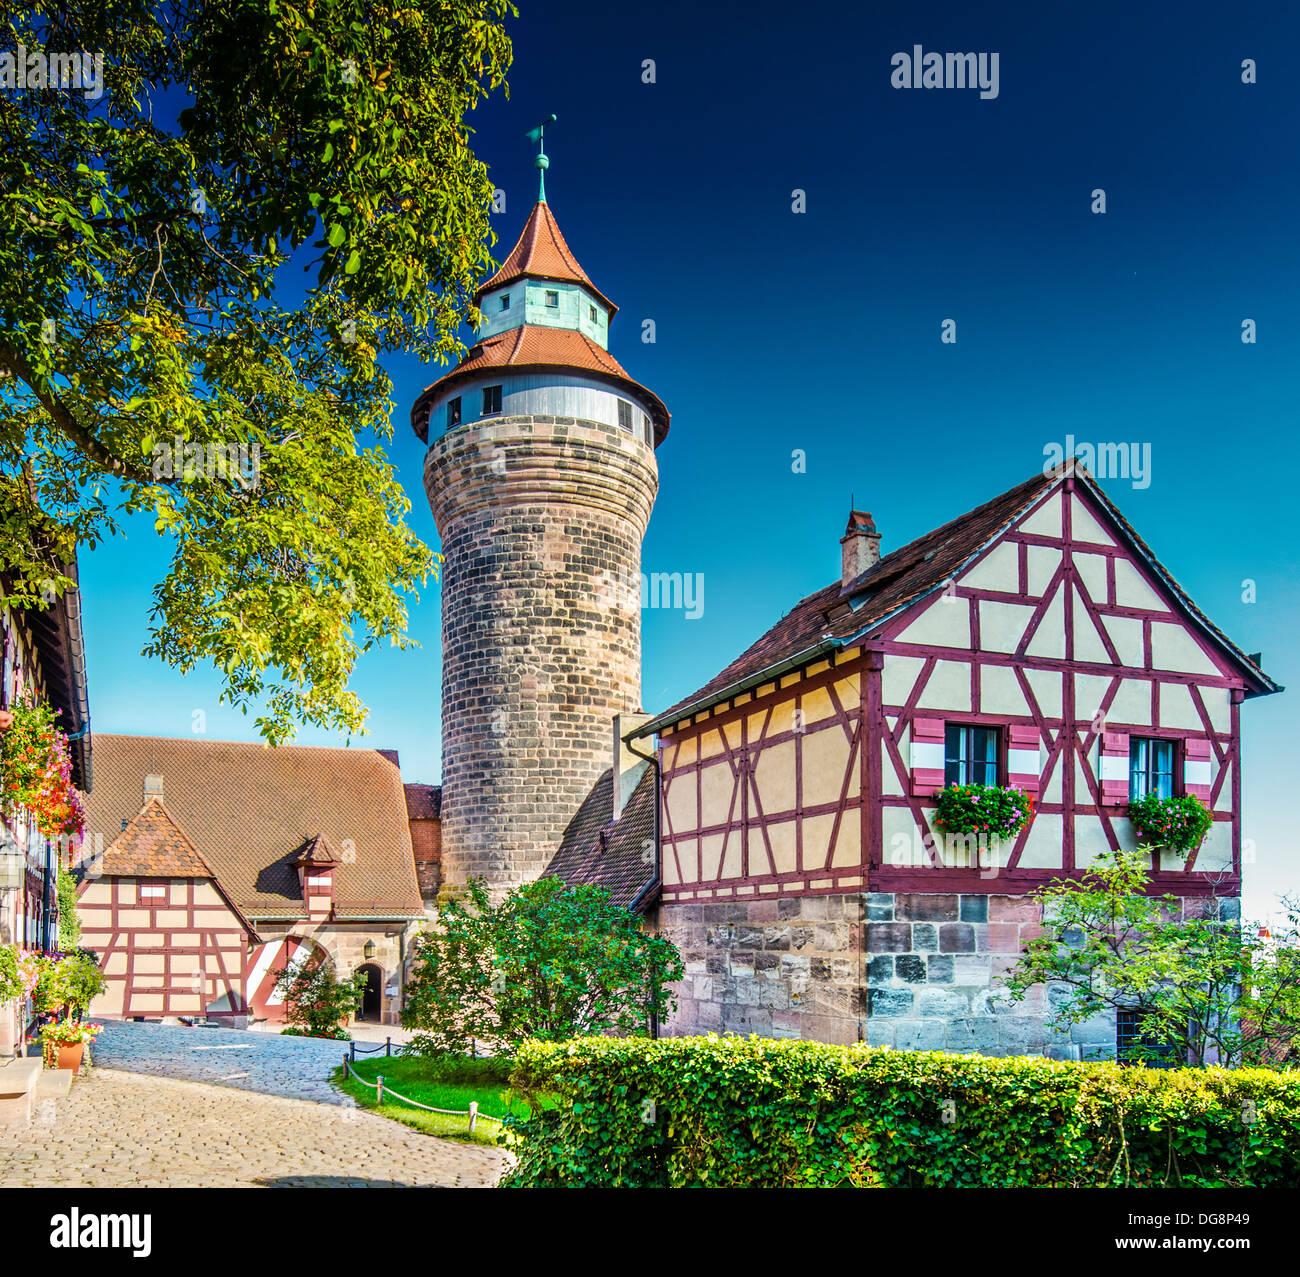 Château de Nuremberg Nuremberg, Allemagne. Photo Stock